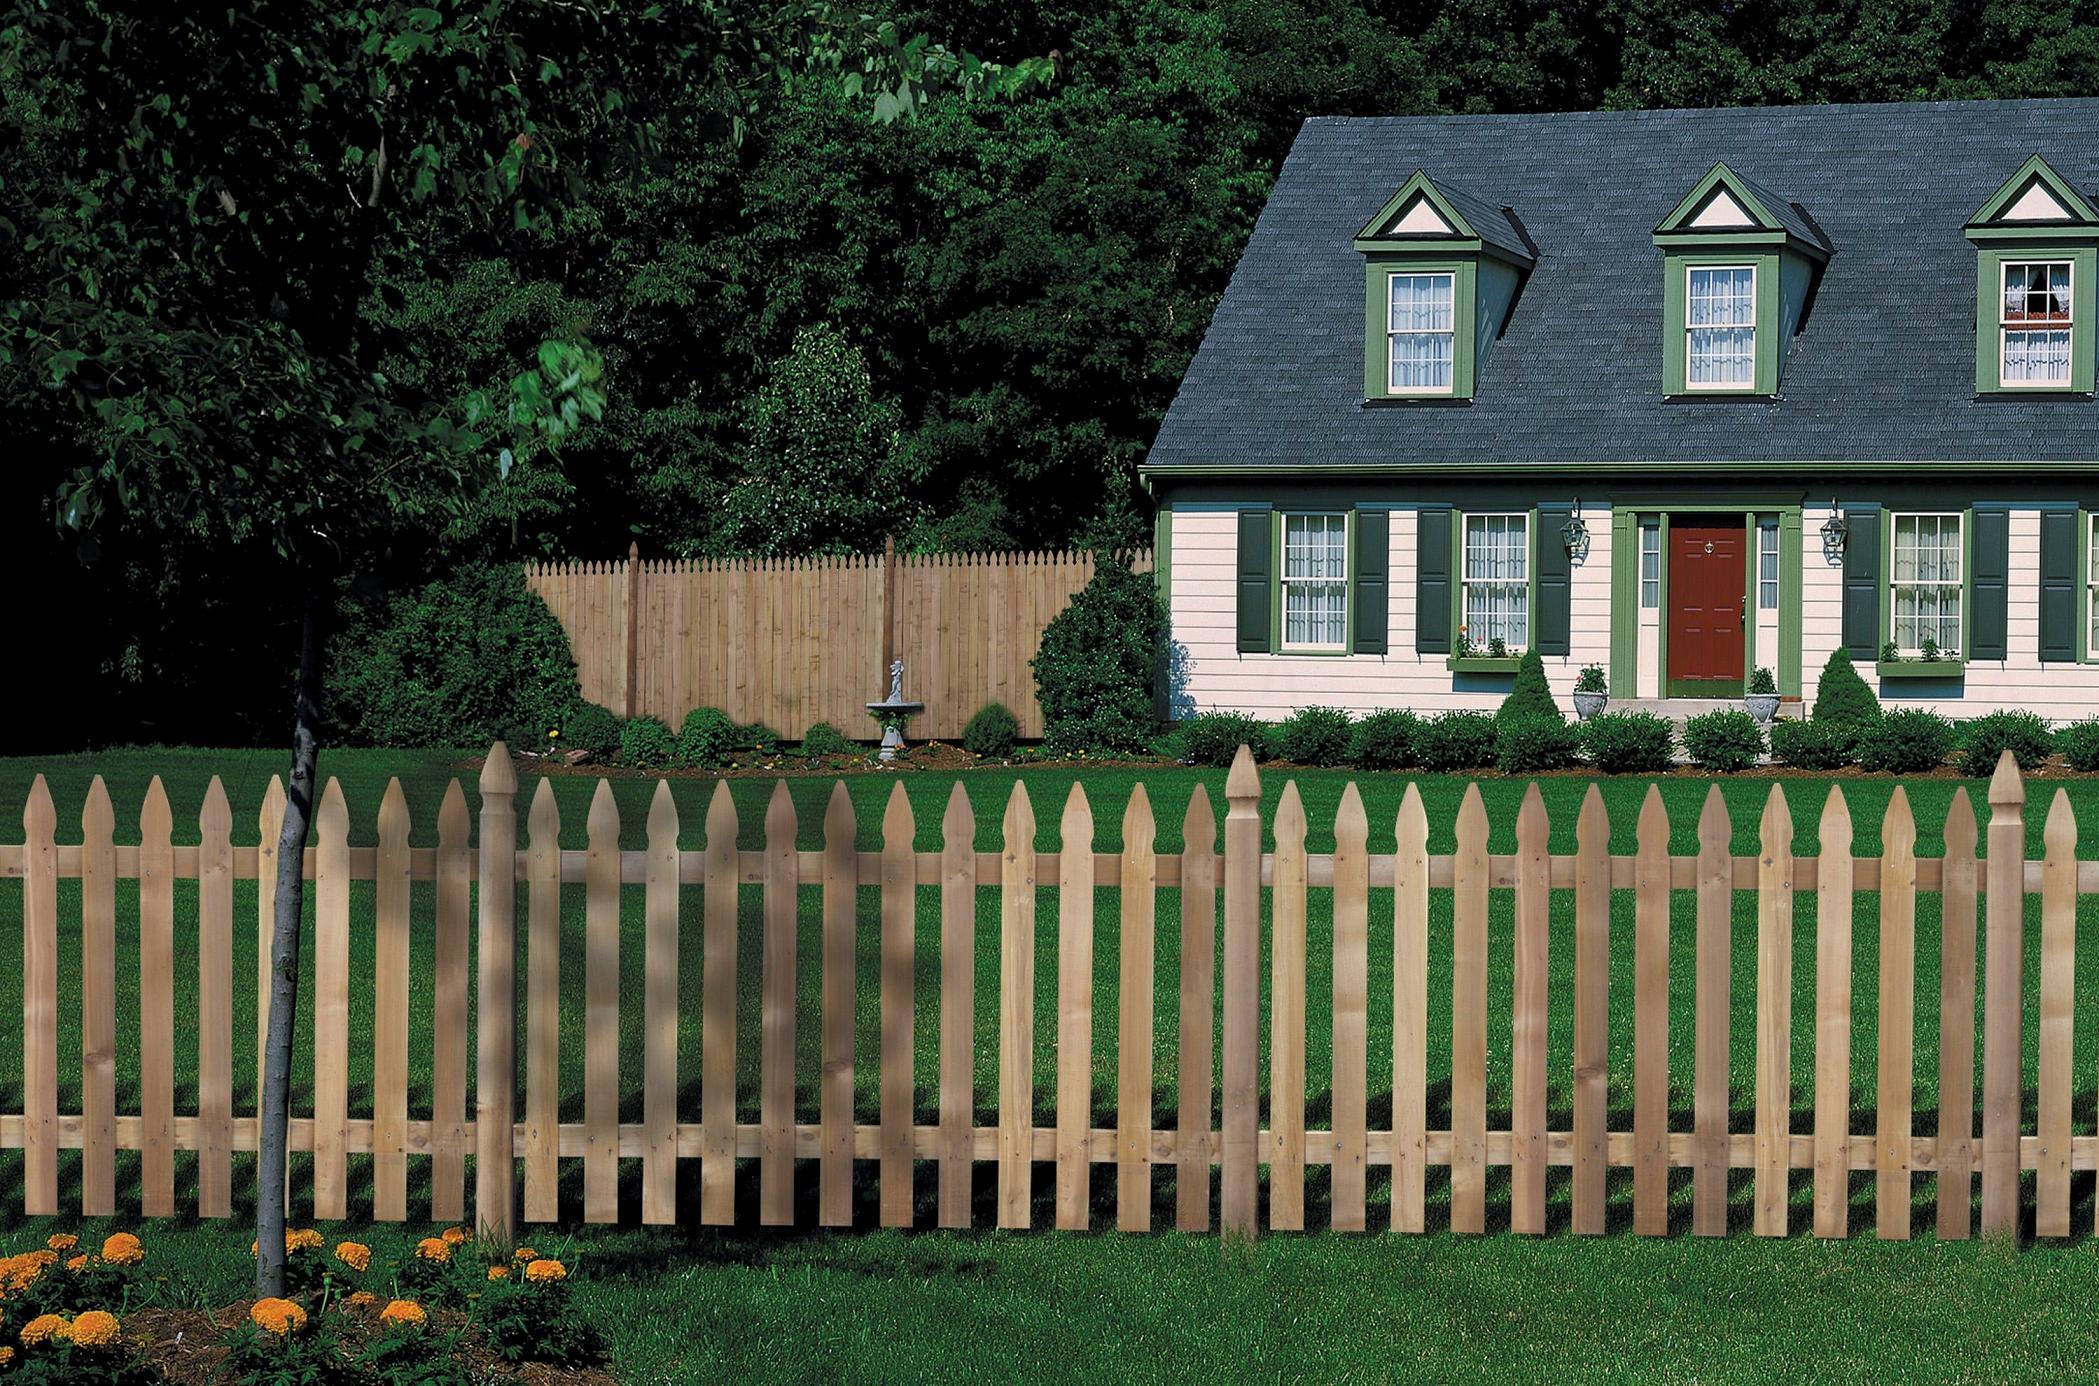 Installer Une Clôture En Bois   Pratique.fr encequiconcerne Barriere Jardin Pour Chien